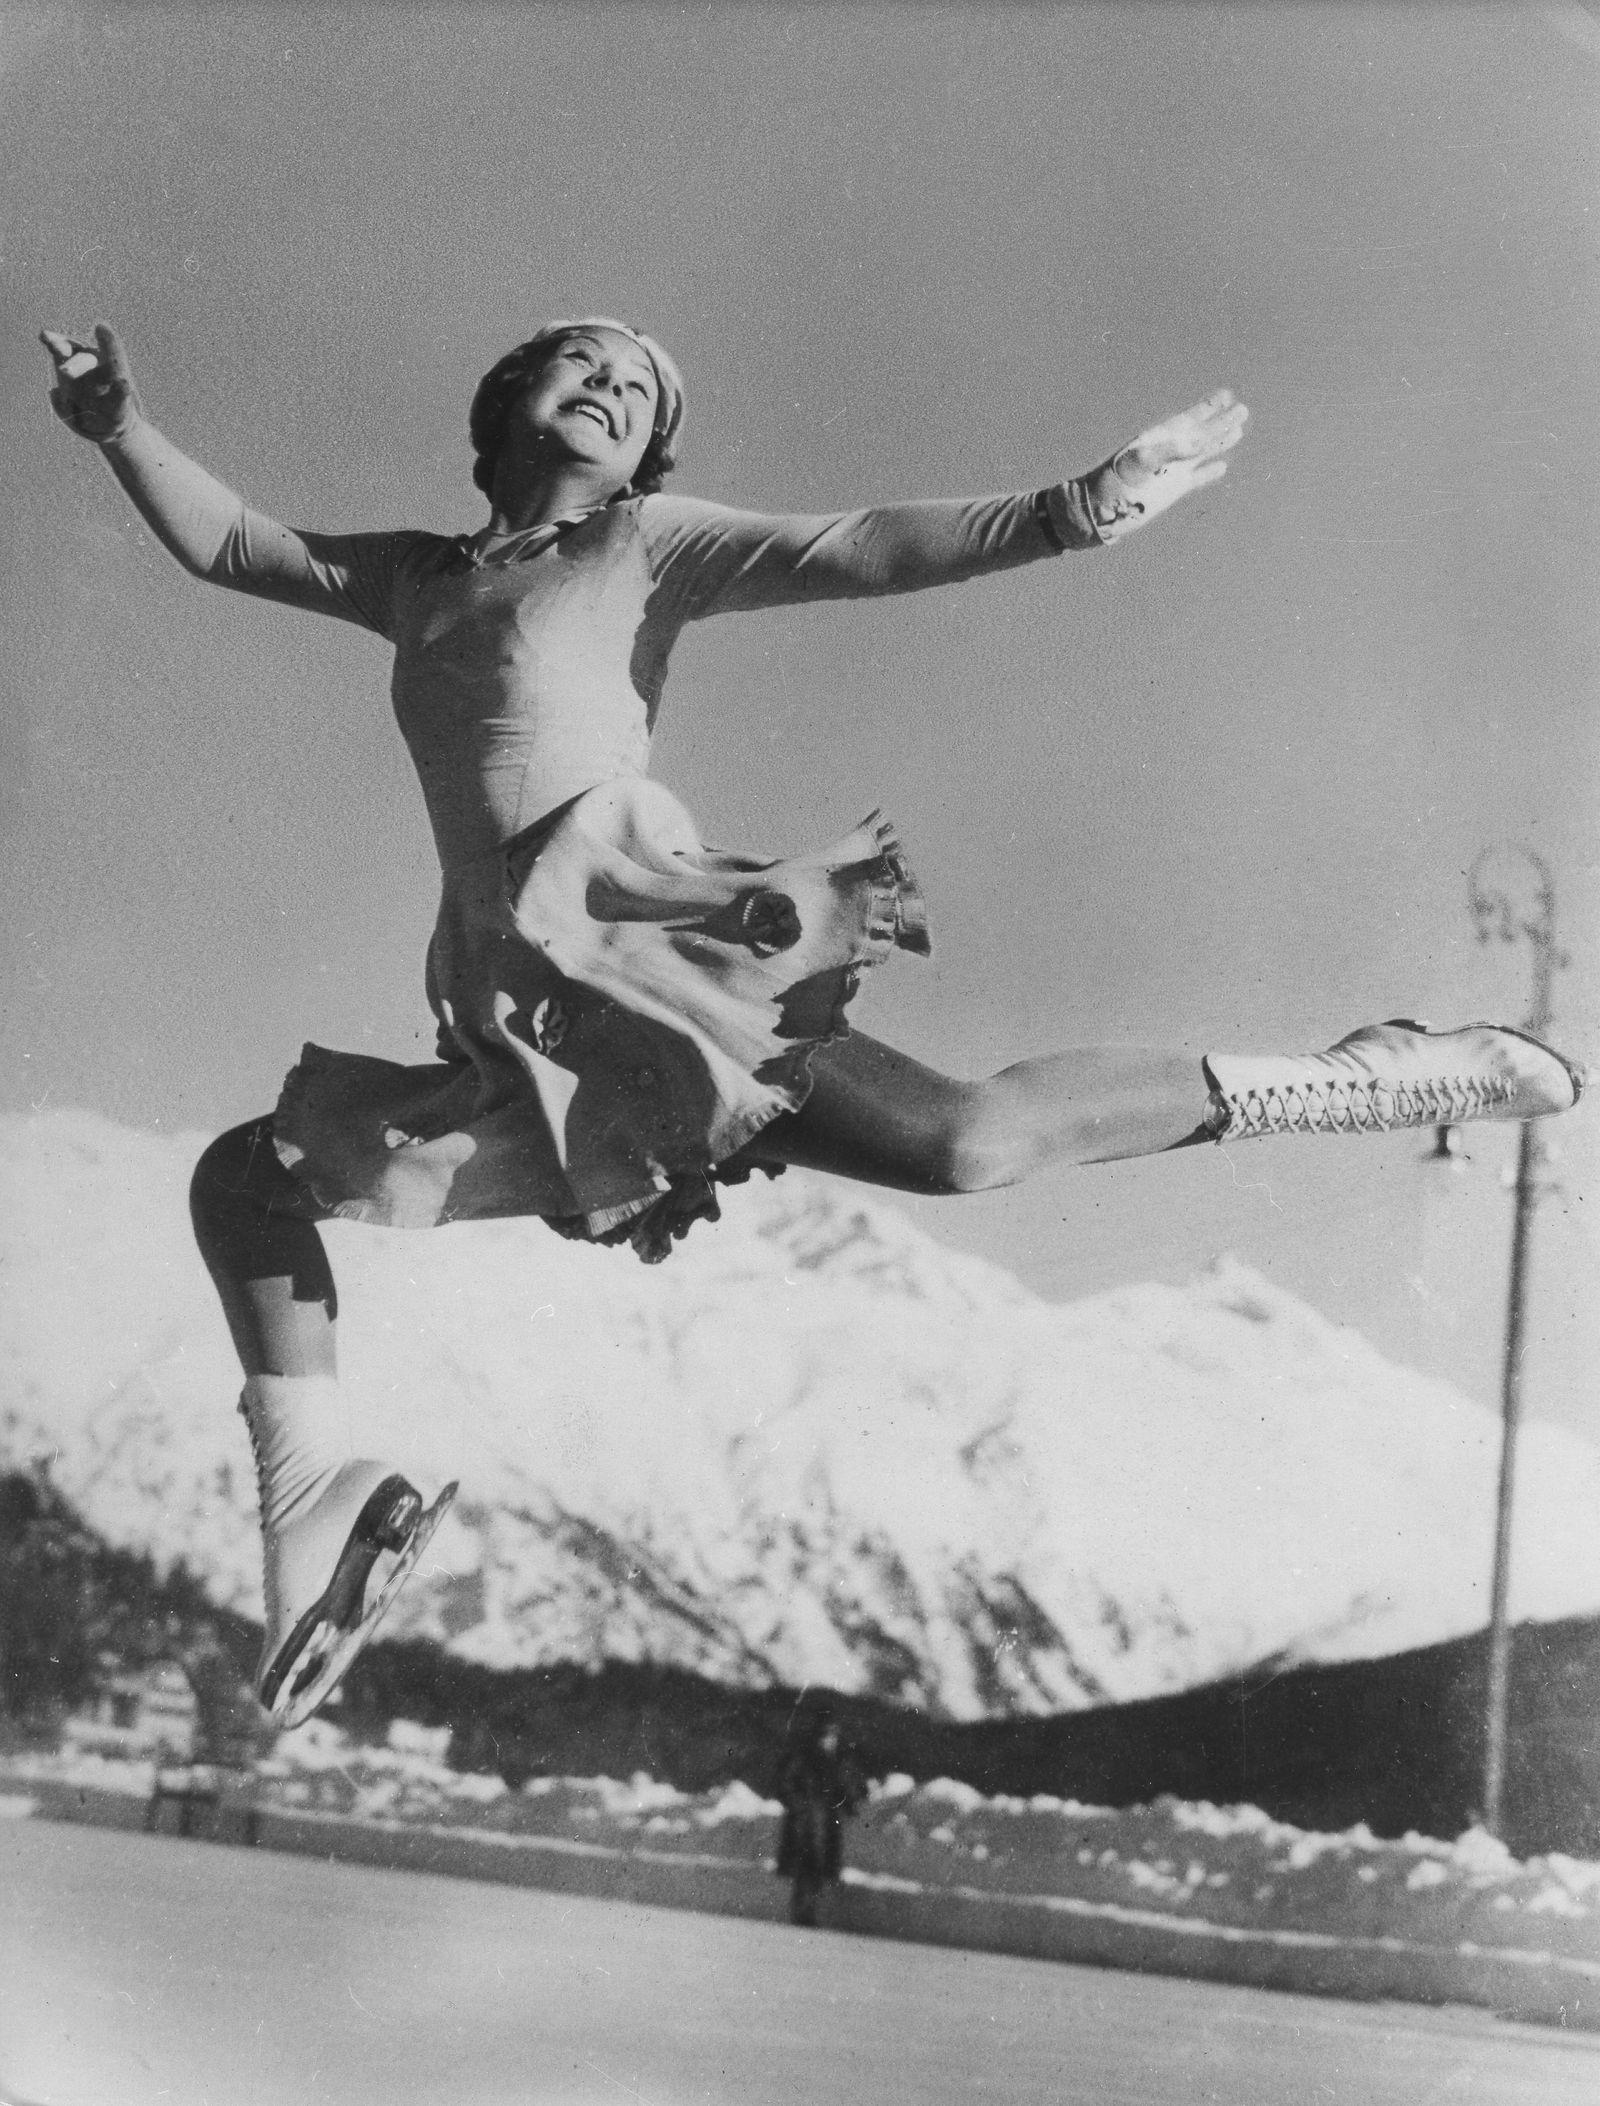 Olympische Winterspiele 1936 in Garmisch-Partenkirchen - Sonja Henie